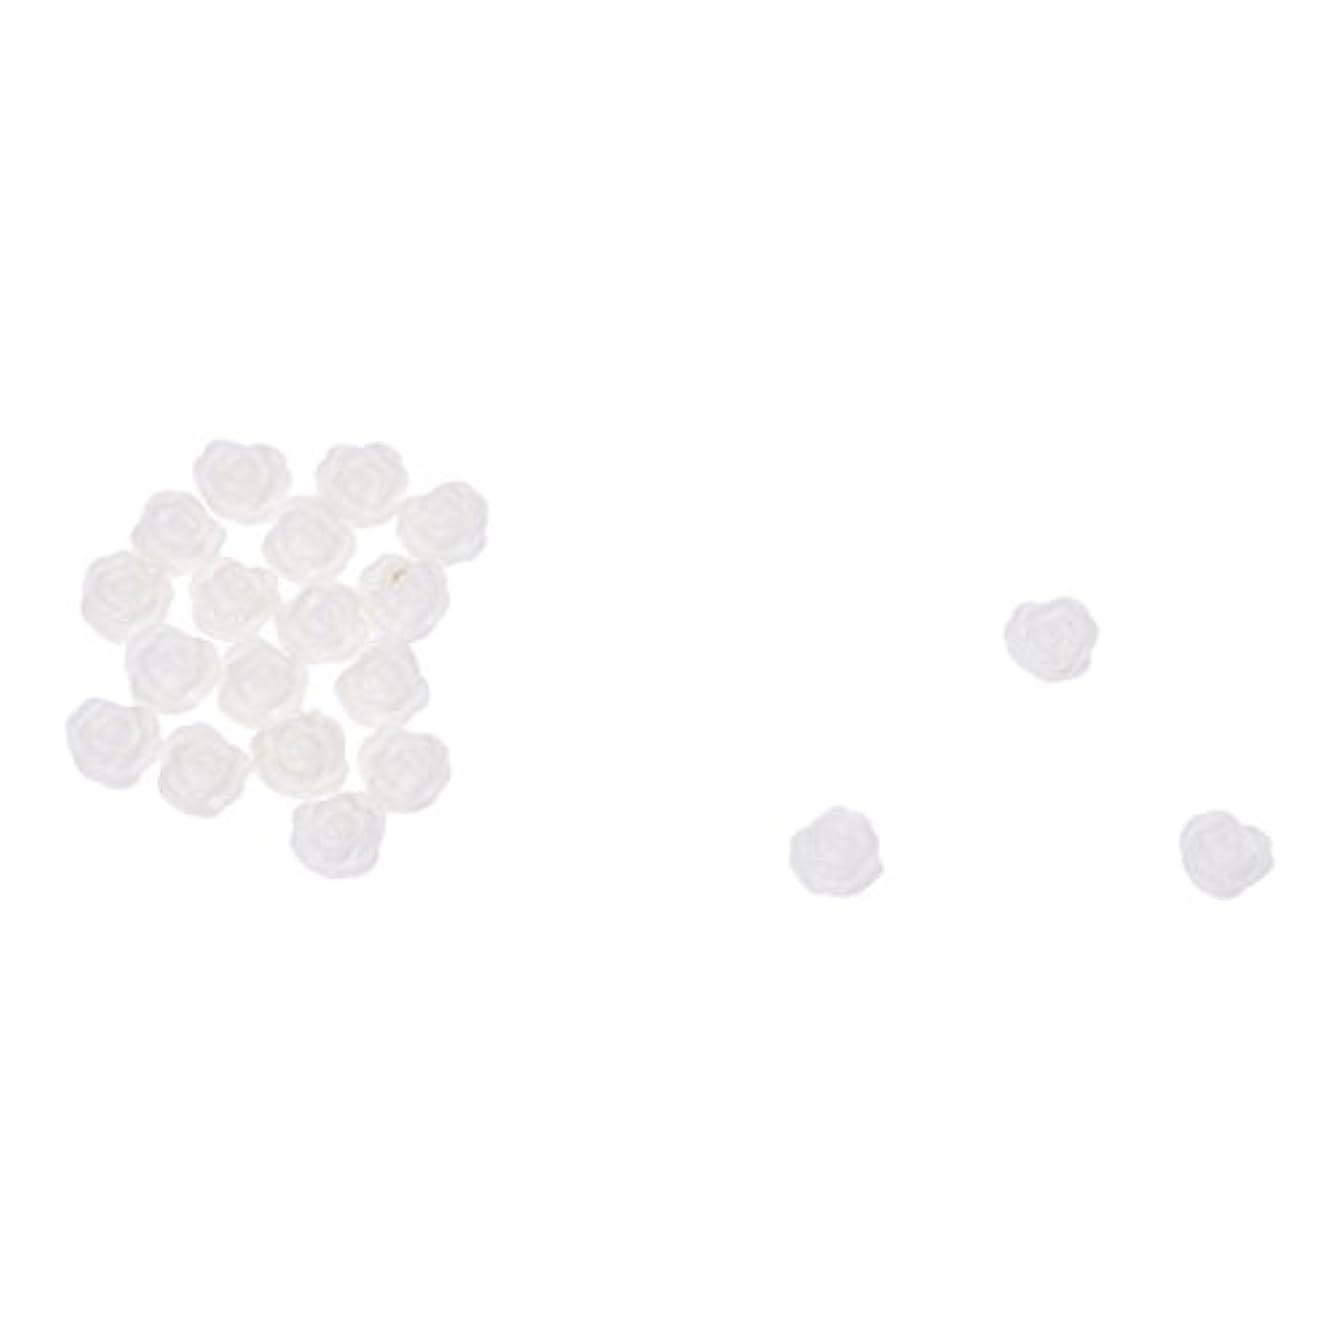 超高層ビル崩壊ぜいたくACAMPTAR ACAMPTAR(R)20×アクリル 3D 白い花 スライスネイルアートヒント UVジェル DIYデコレーション